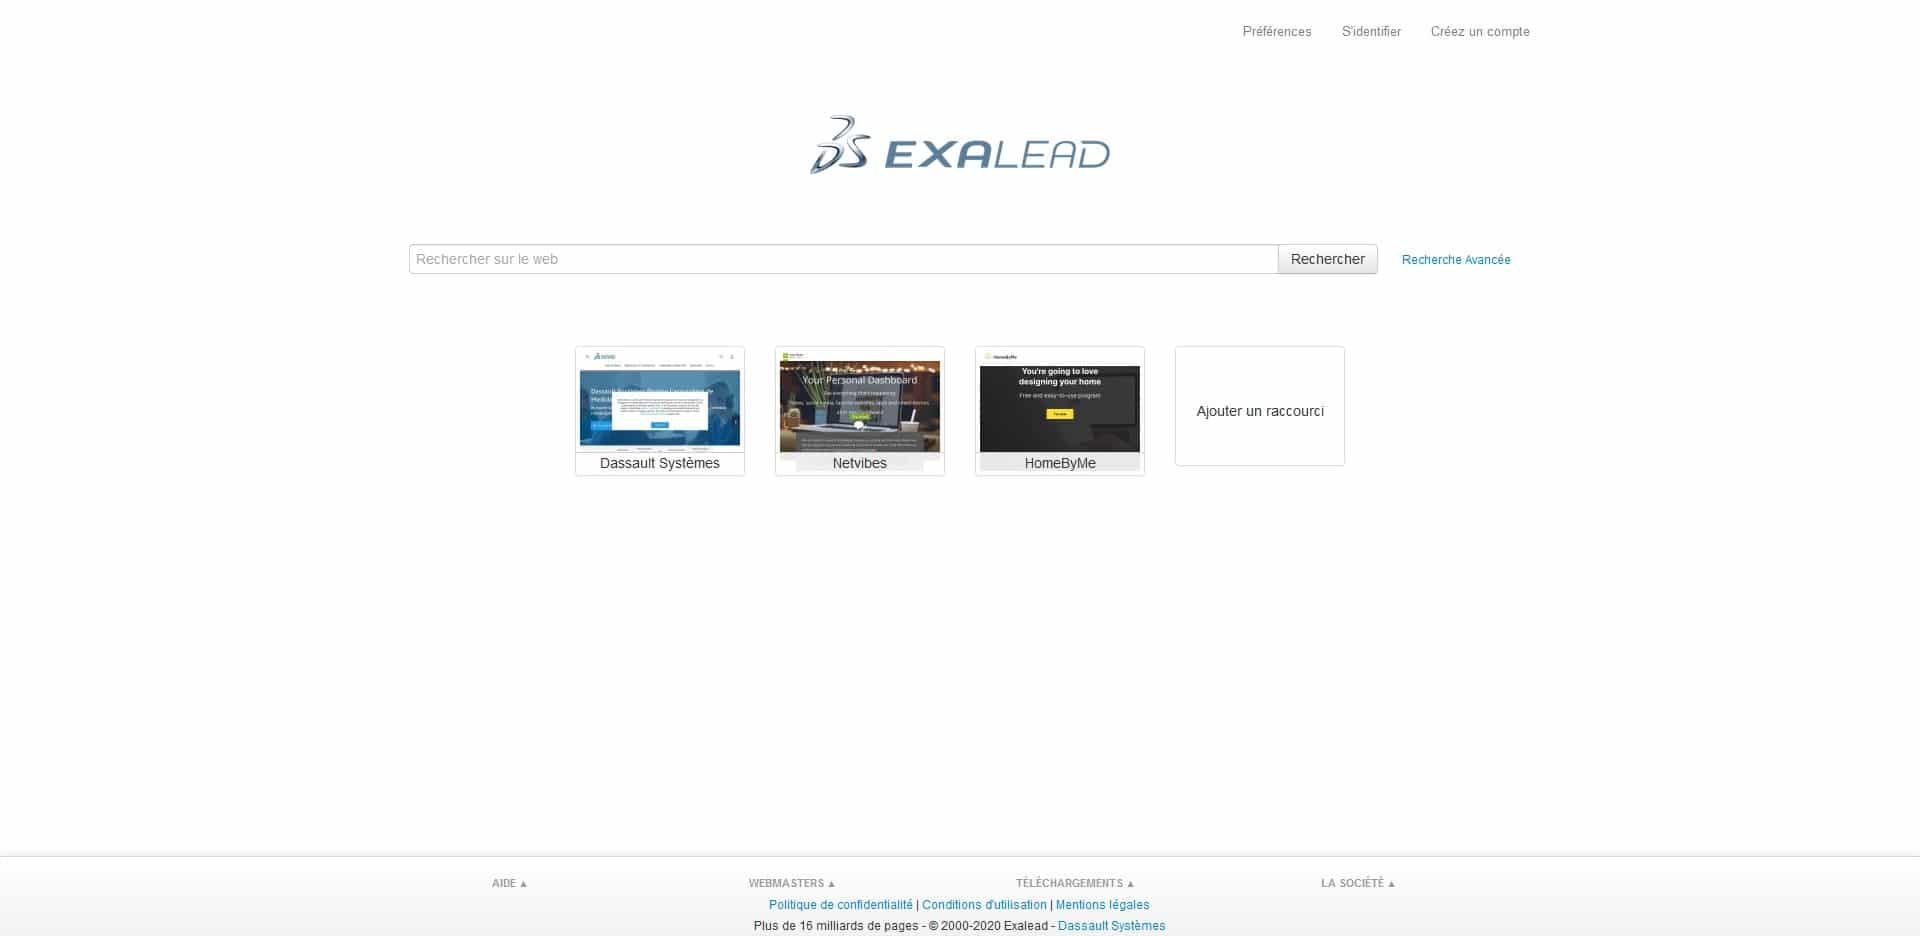 Exalead-Moteurs-de-recherche-france